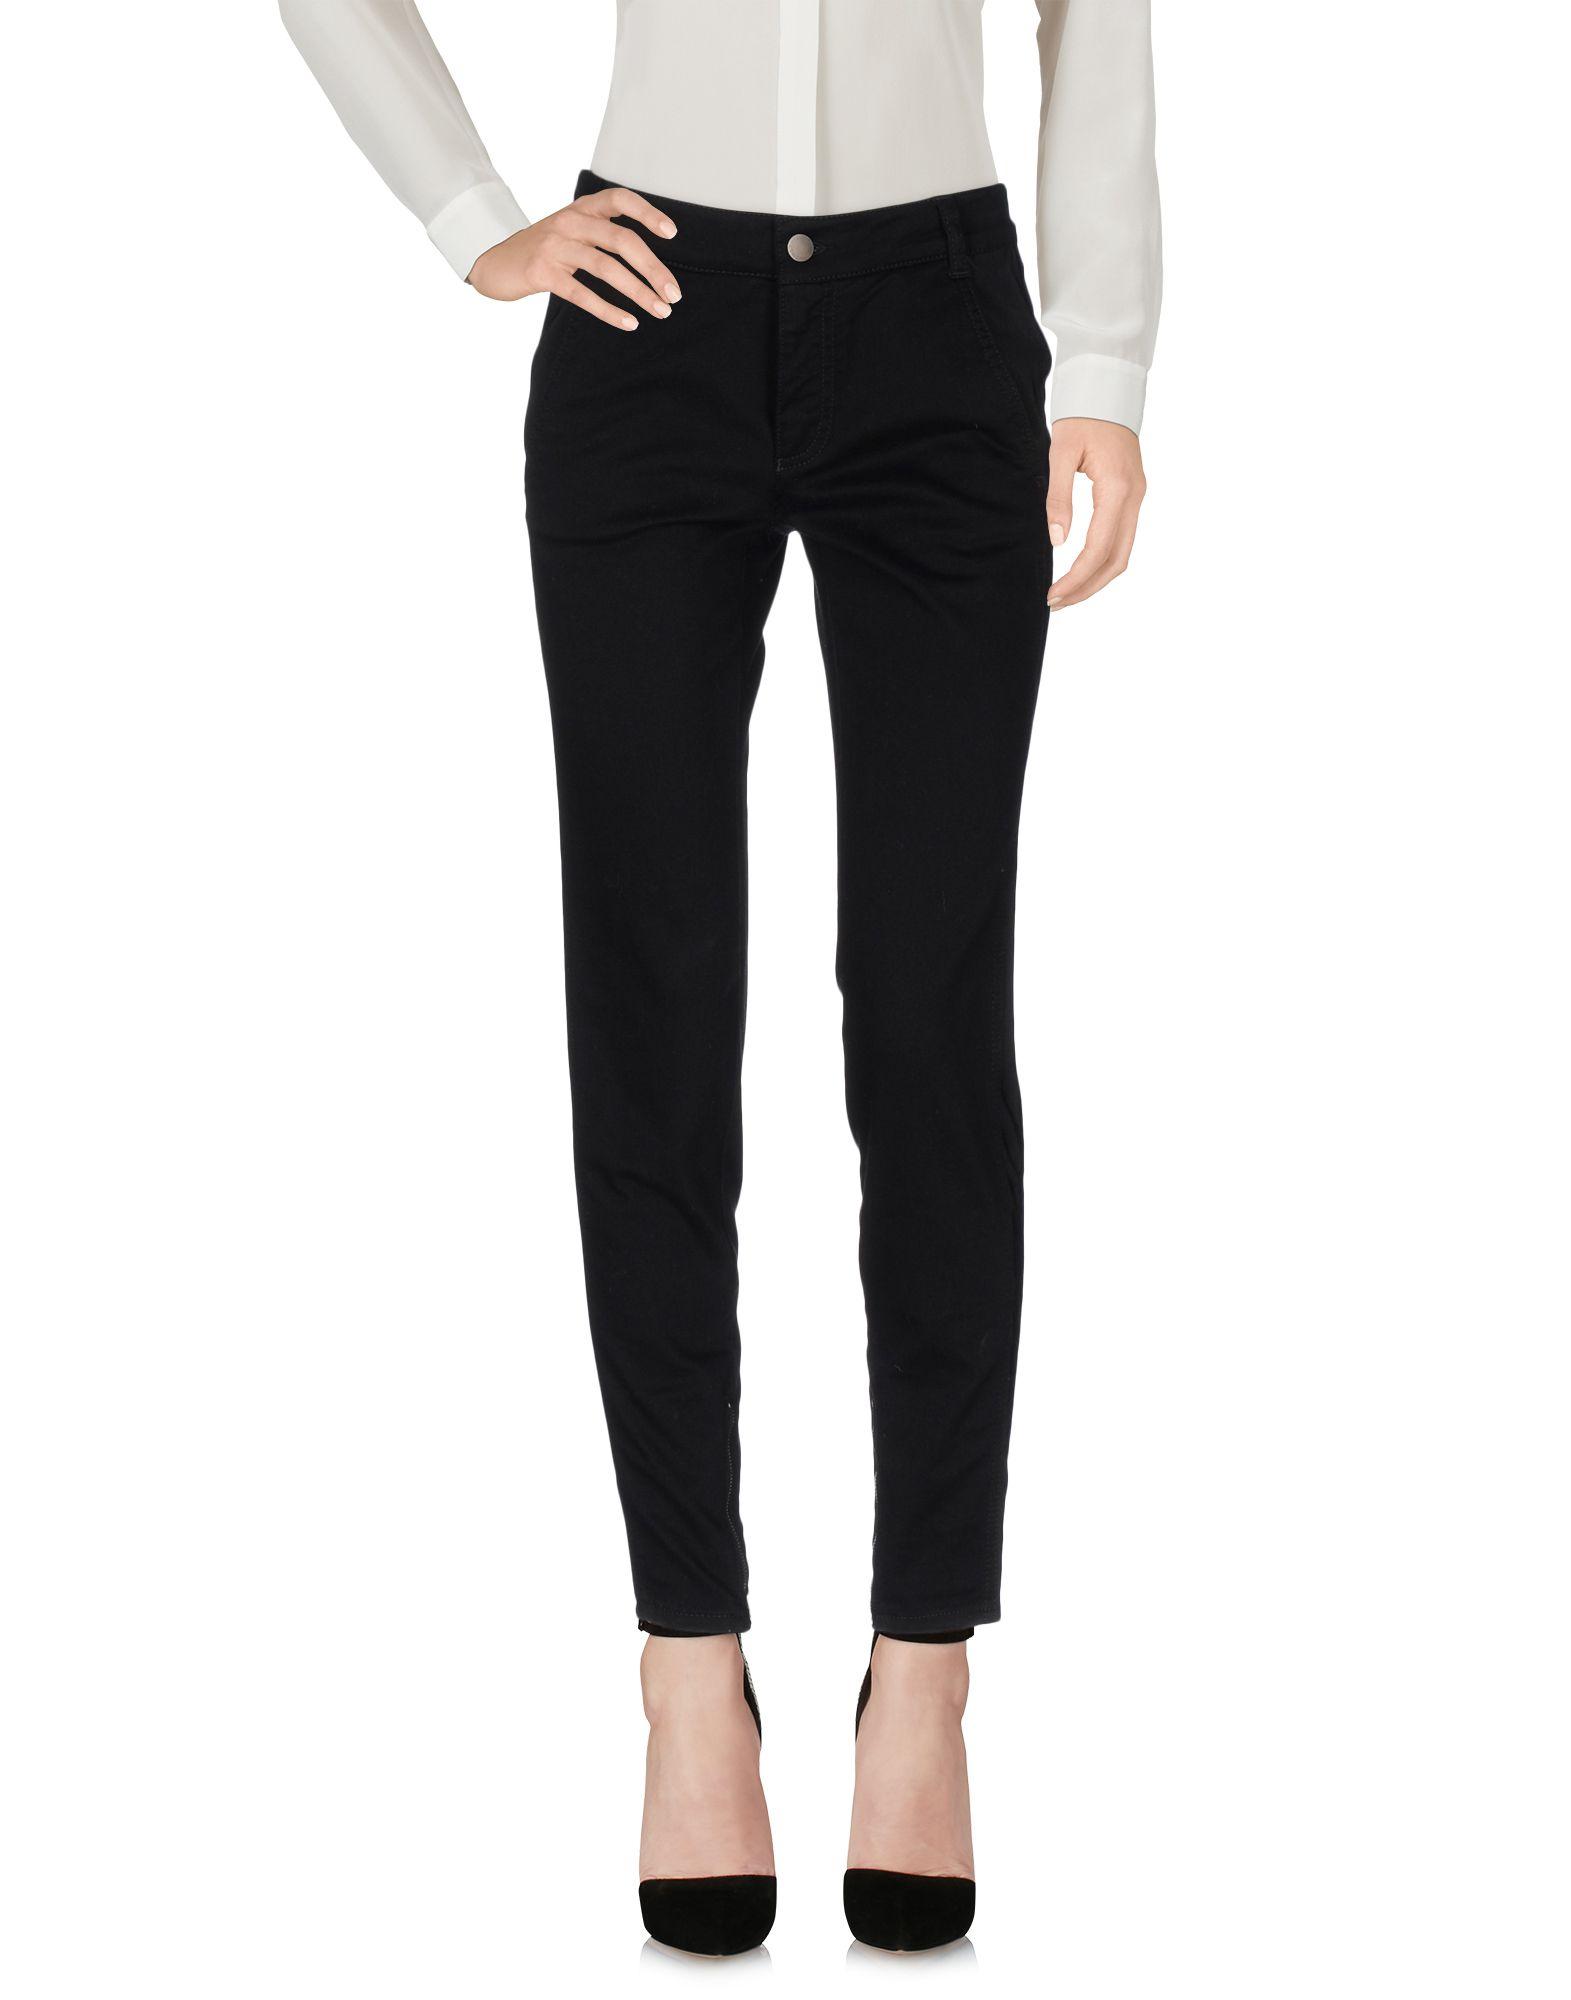 STELLA McCARTNEY Damen Hose Farbe Schwarz Größe 5